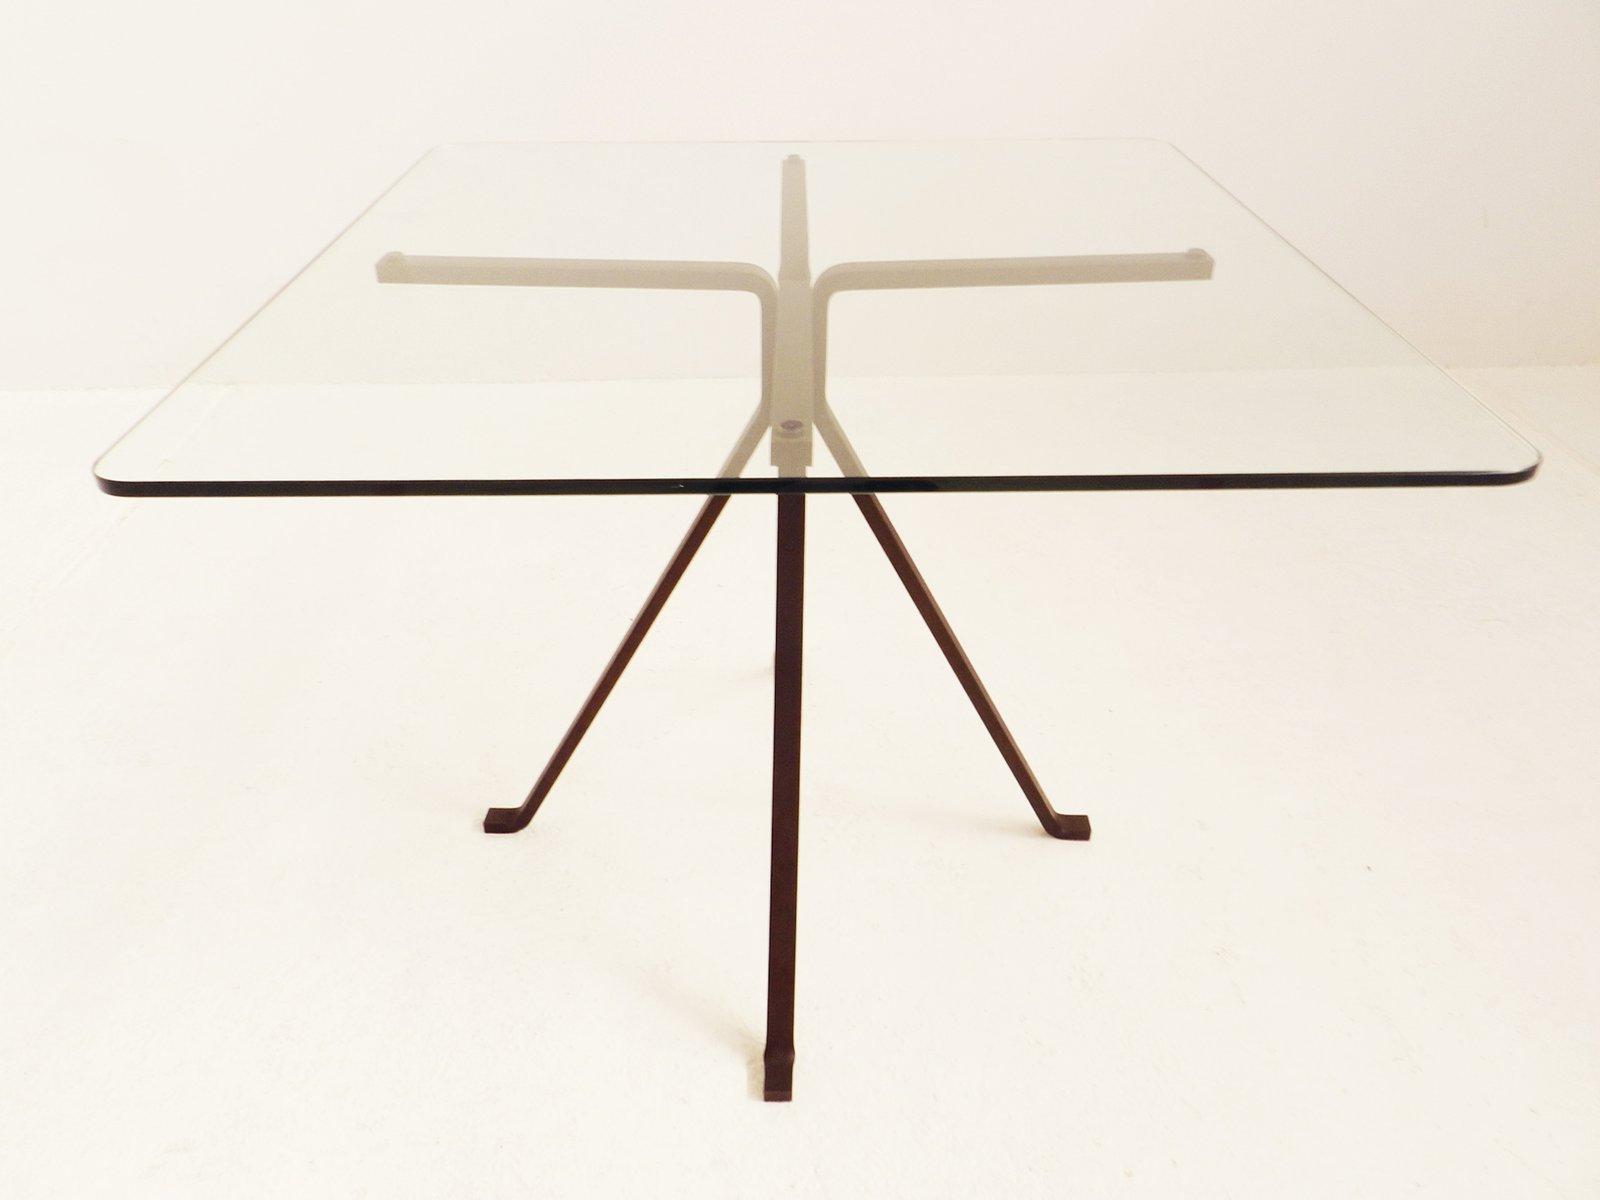 table d 39 appoint cuginetto par enzo mari pour driade en vente sur pamono. Black Bedroom Furniture Sets. Home Design Ideas